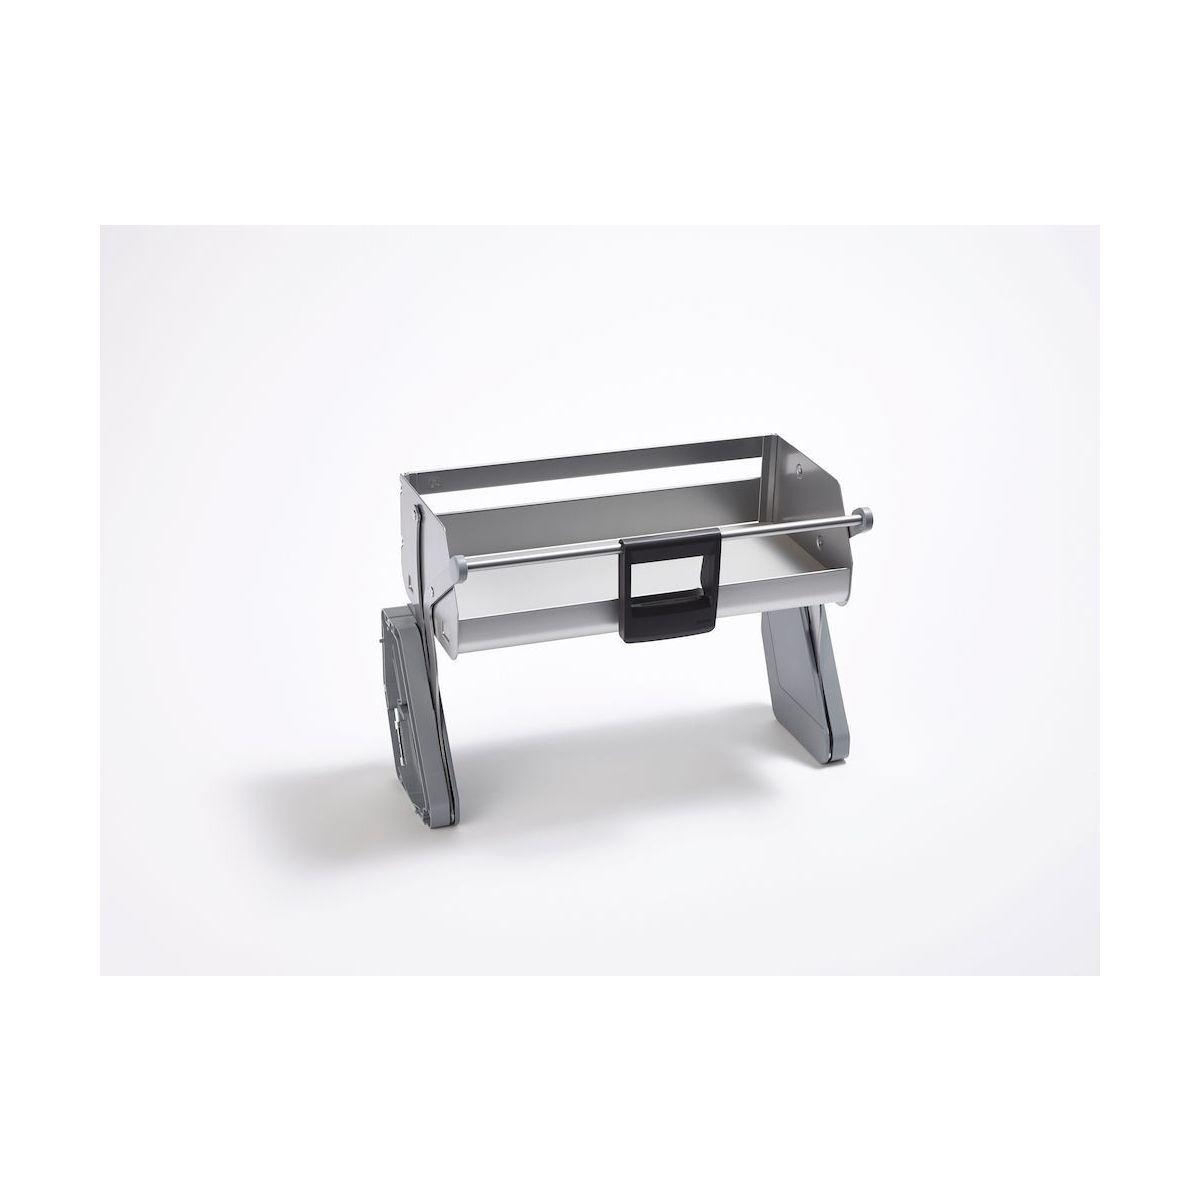 Imove bovenkast uittreksysteem 1 plateau kast 60 Zilver kopen met korting